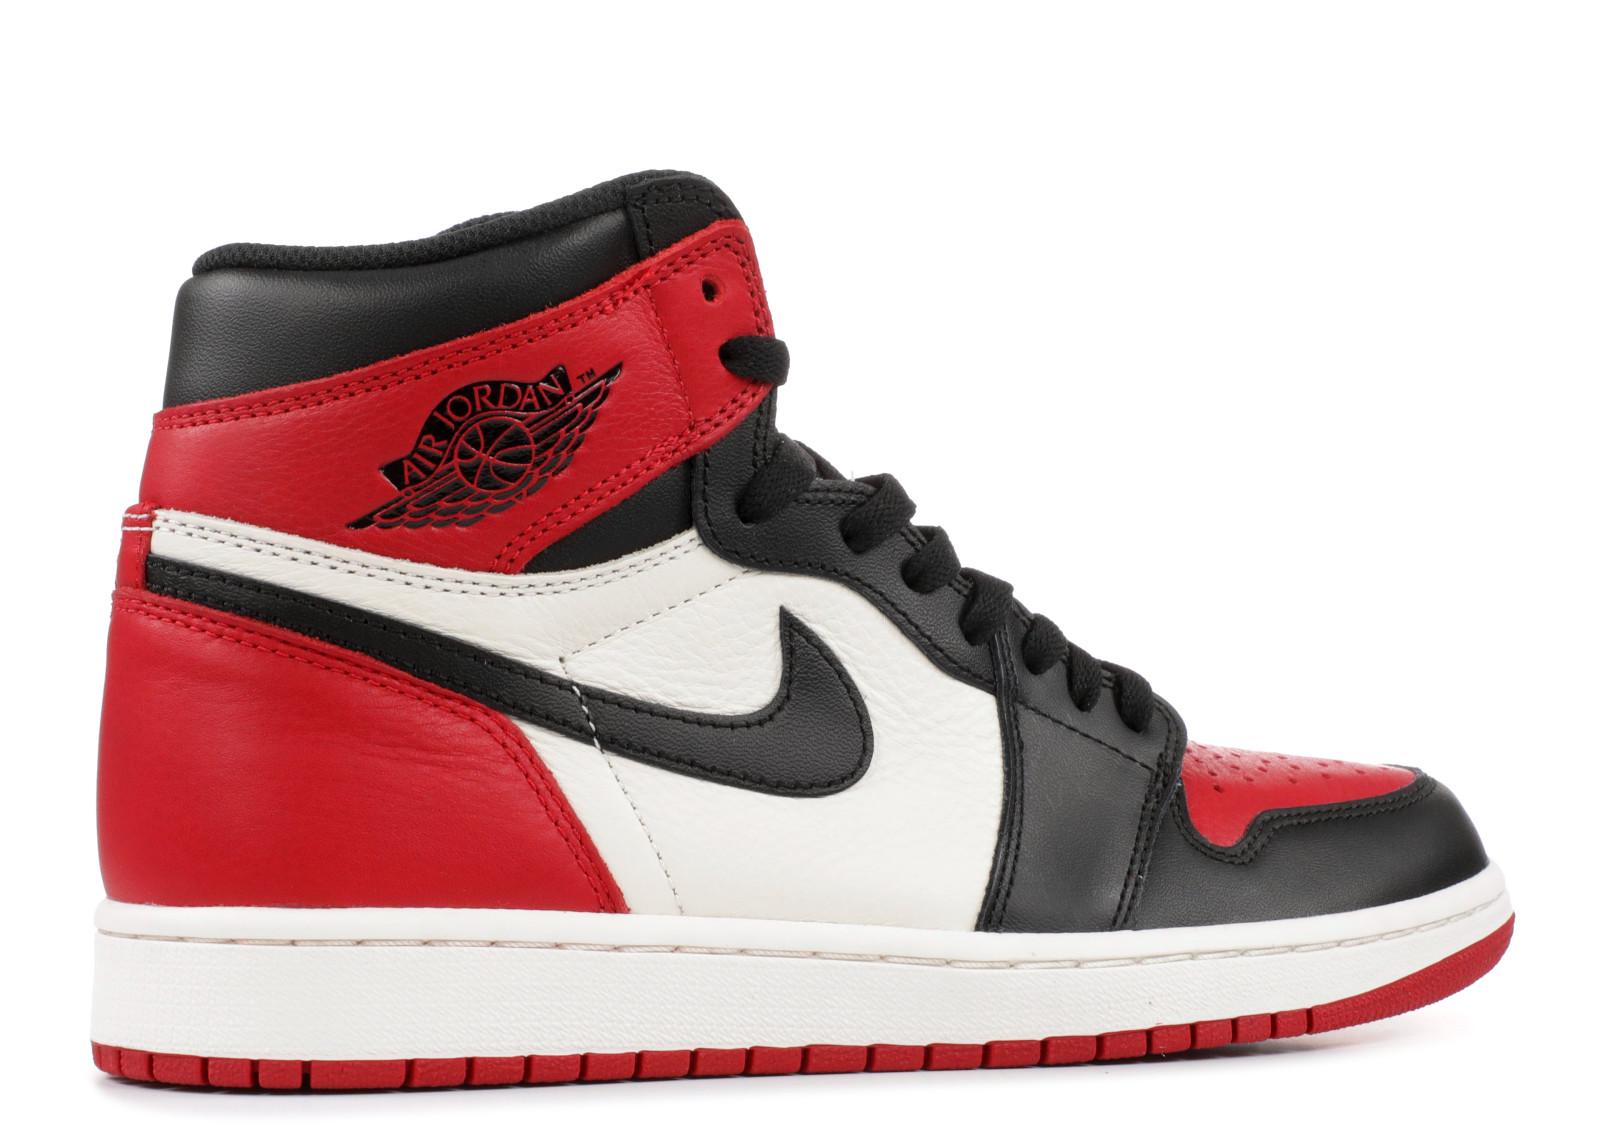 The Air Jordan 1 'Bred Toe' Isn't Far Off... - WearTesters Jordan 3 Bred